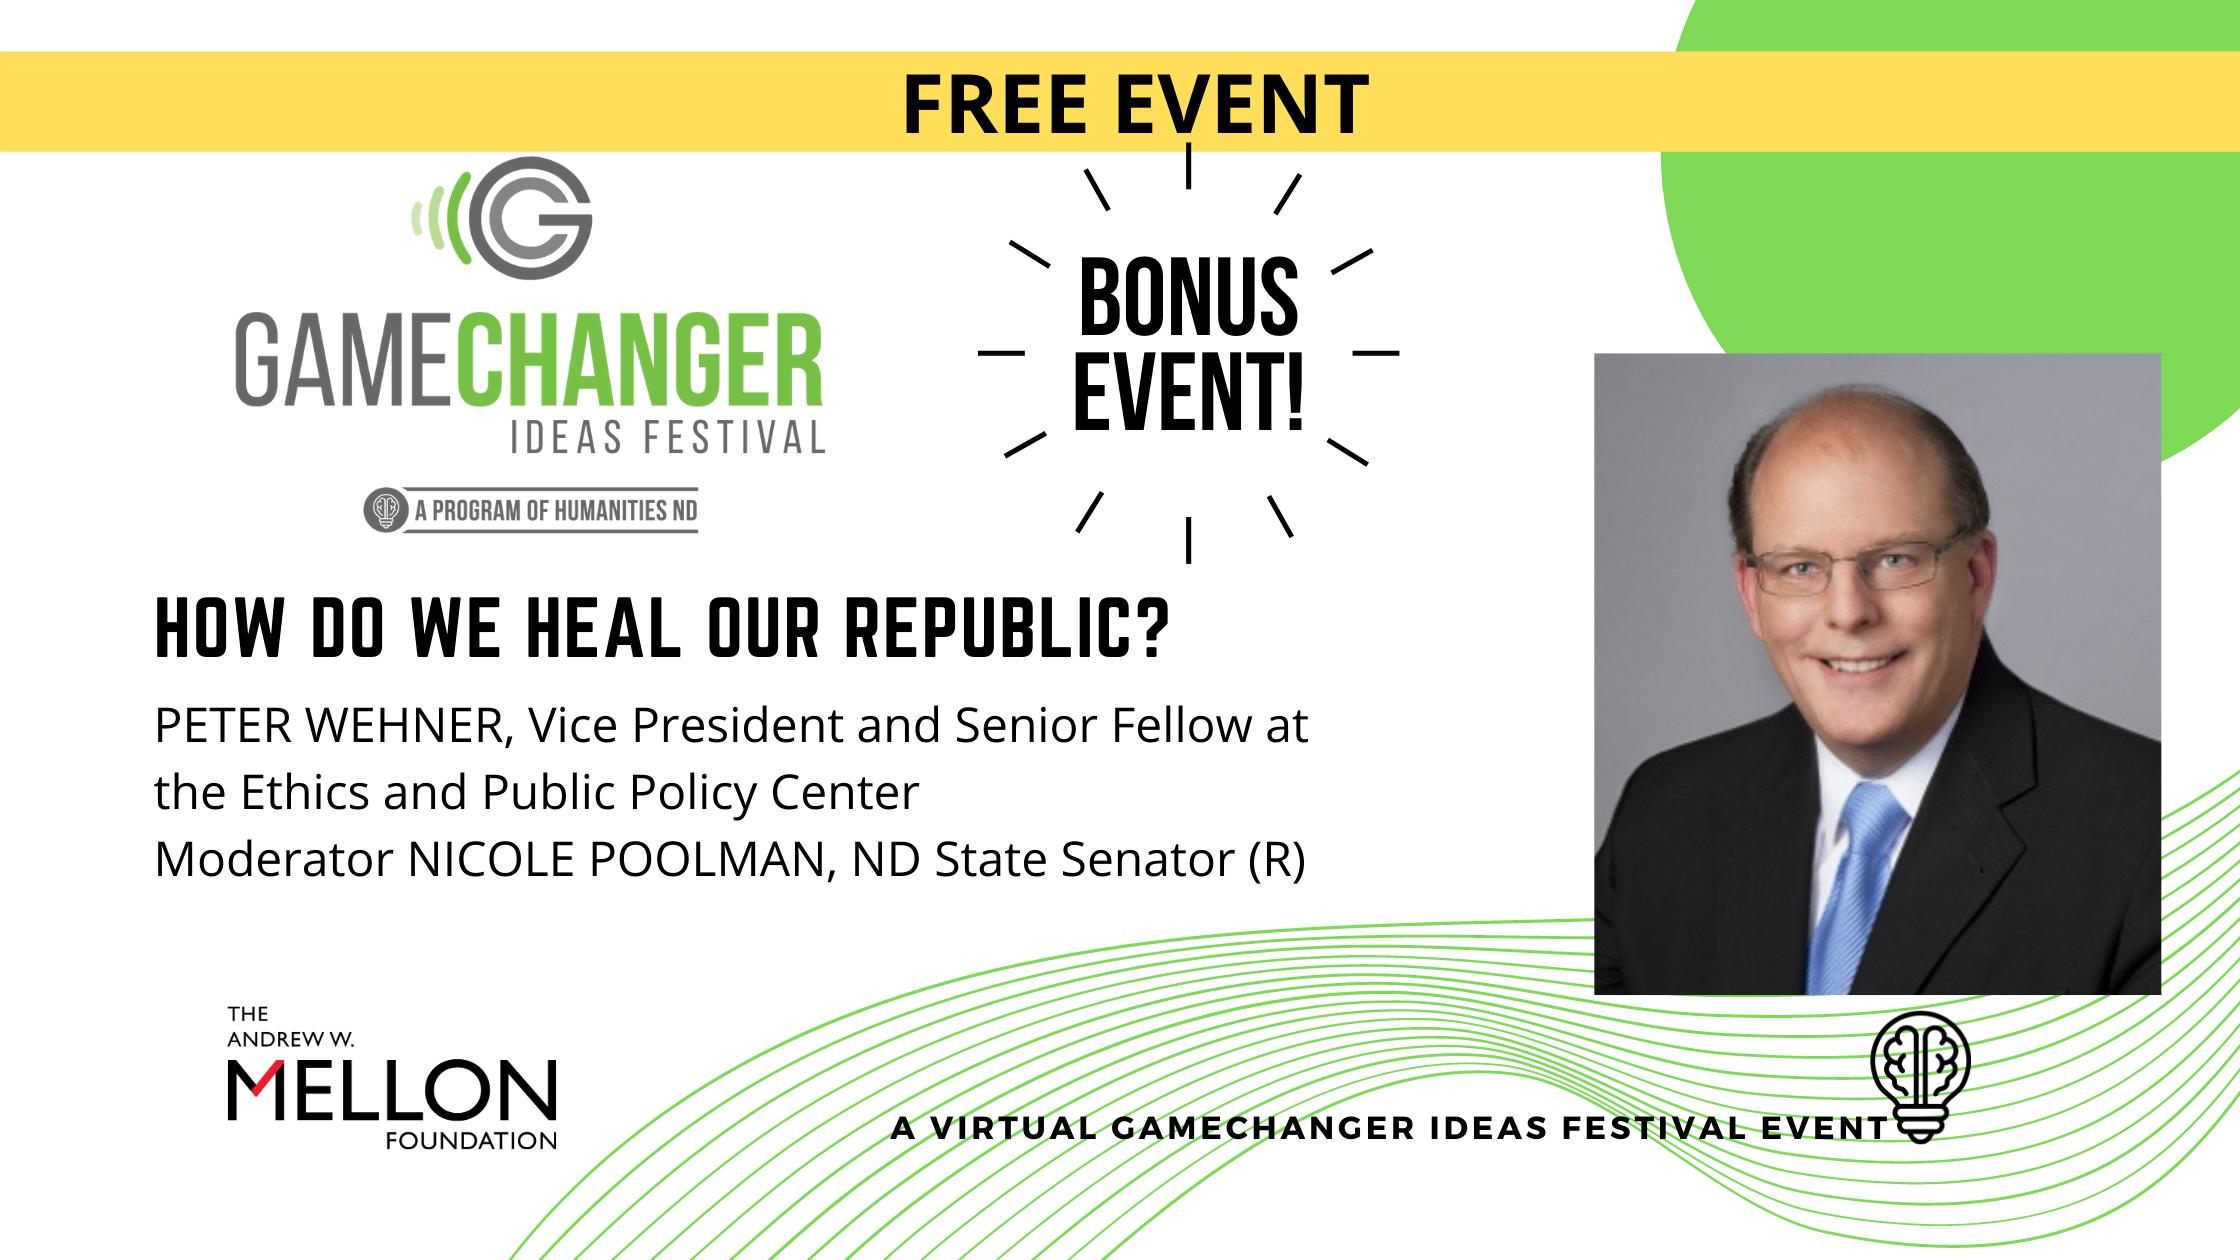 Pete Wehner bonus event